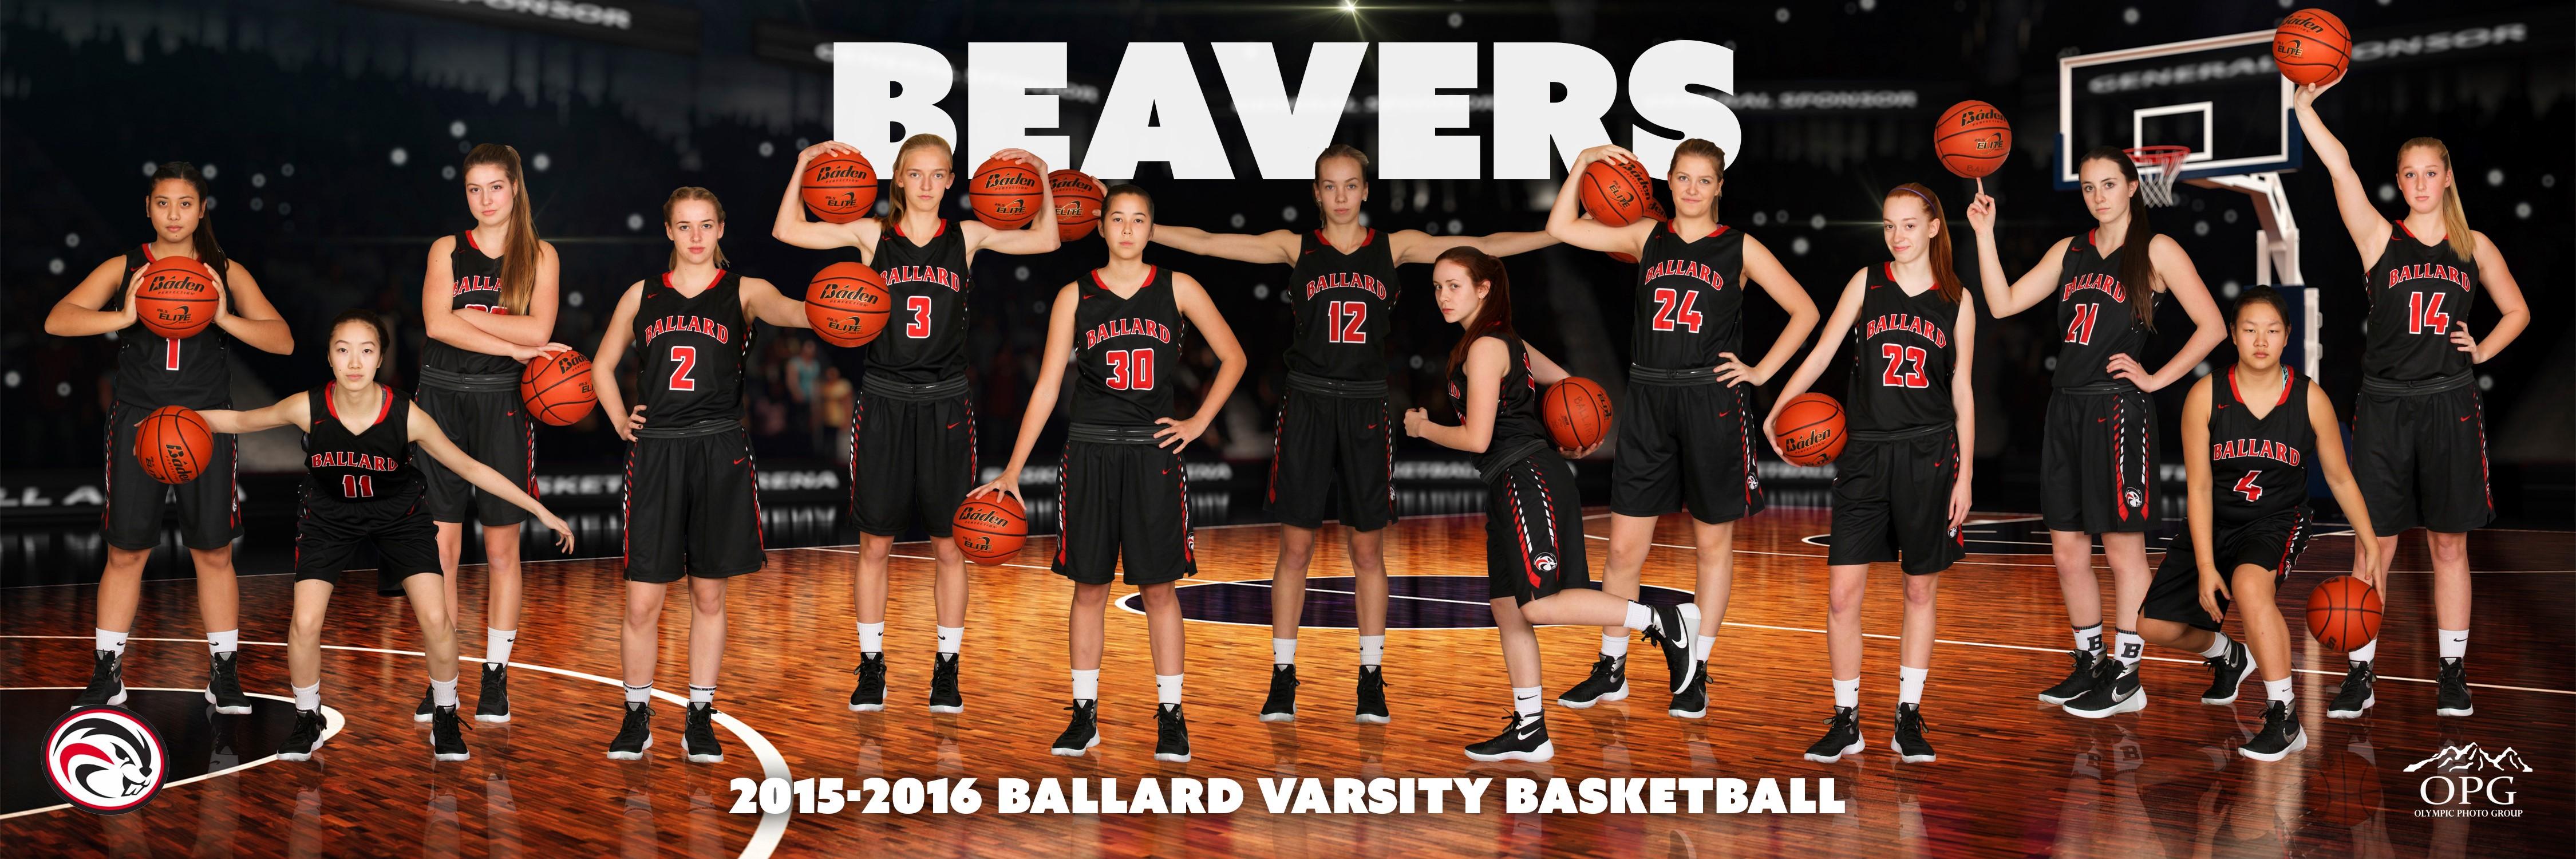 ballard girls basketball